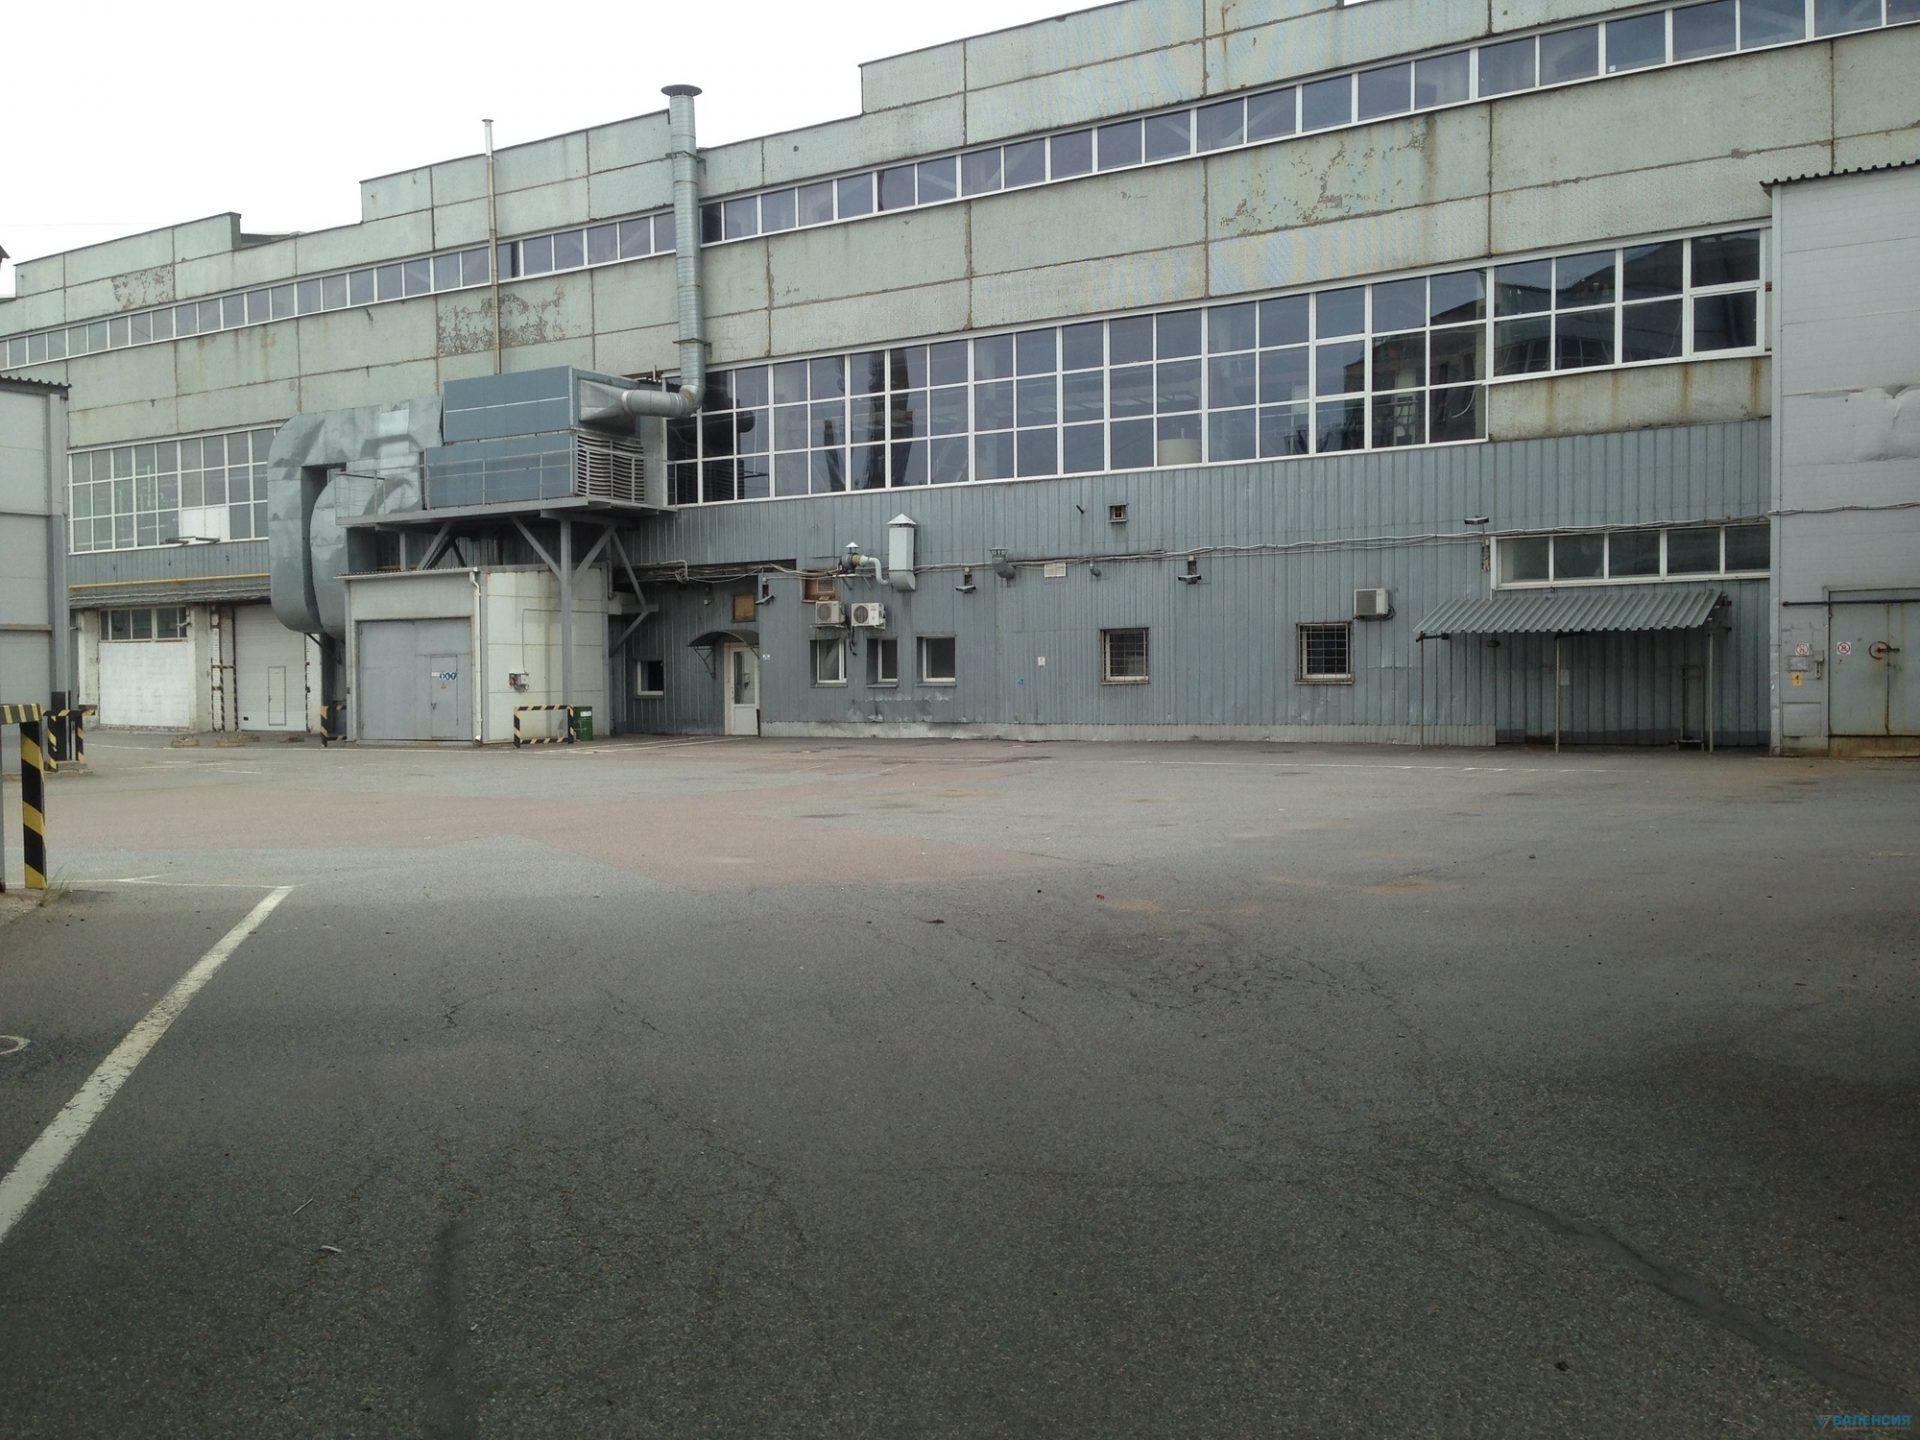 Сдаются производственно-складские помещения во Фрунзенском р-не, ул. Софийская, д.14, Бизнес парк «Софийская 14», Корпус 1.